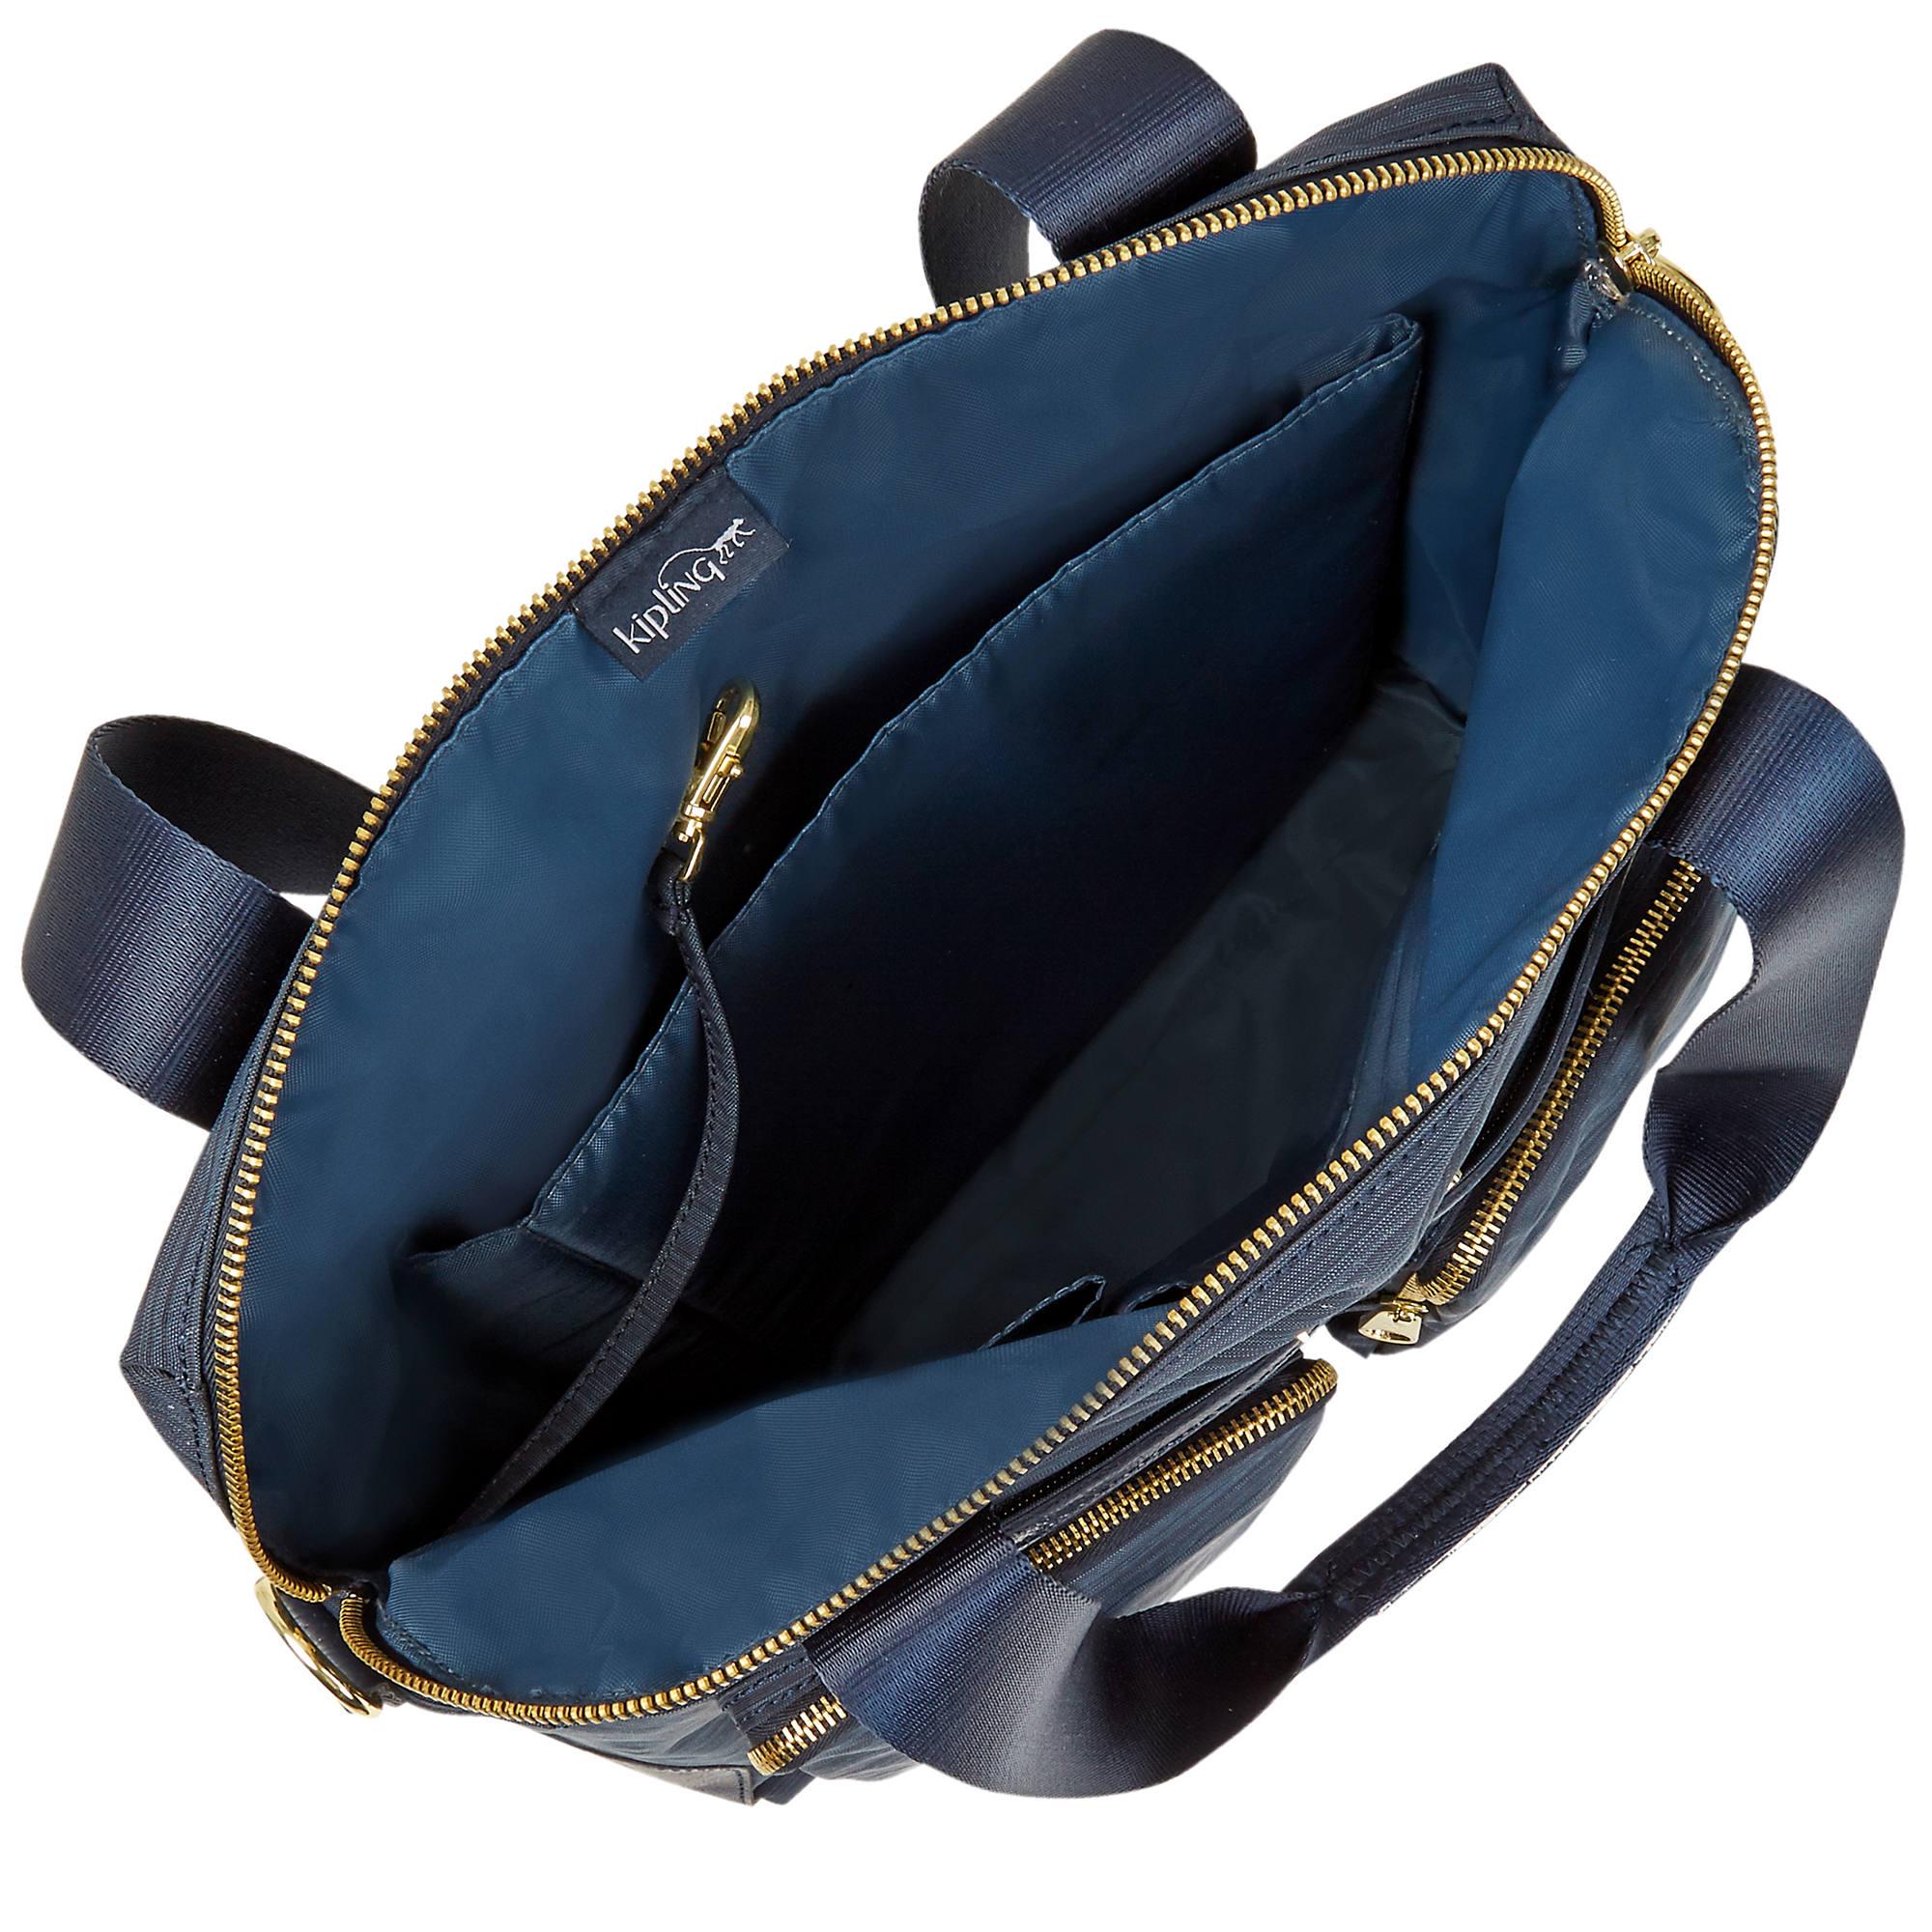 b40993abd43 Kipling HB6747 Camryn True Dazz Navy Laptop Bag Tote Handbag for ...